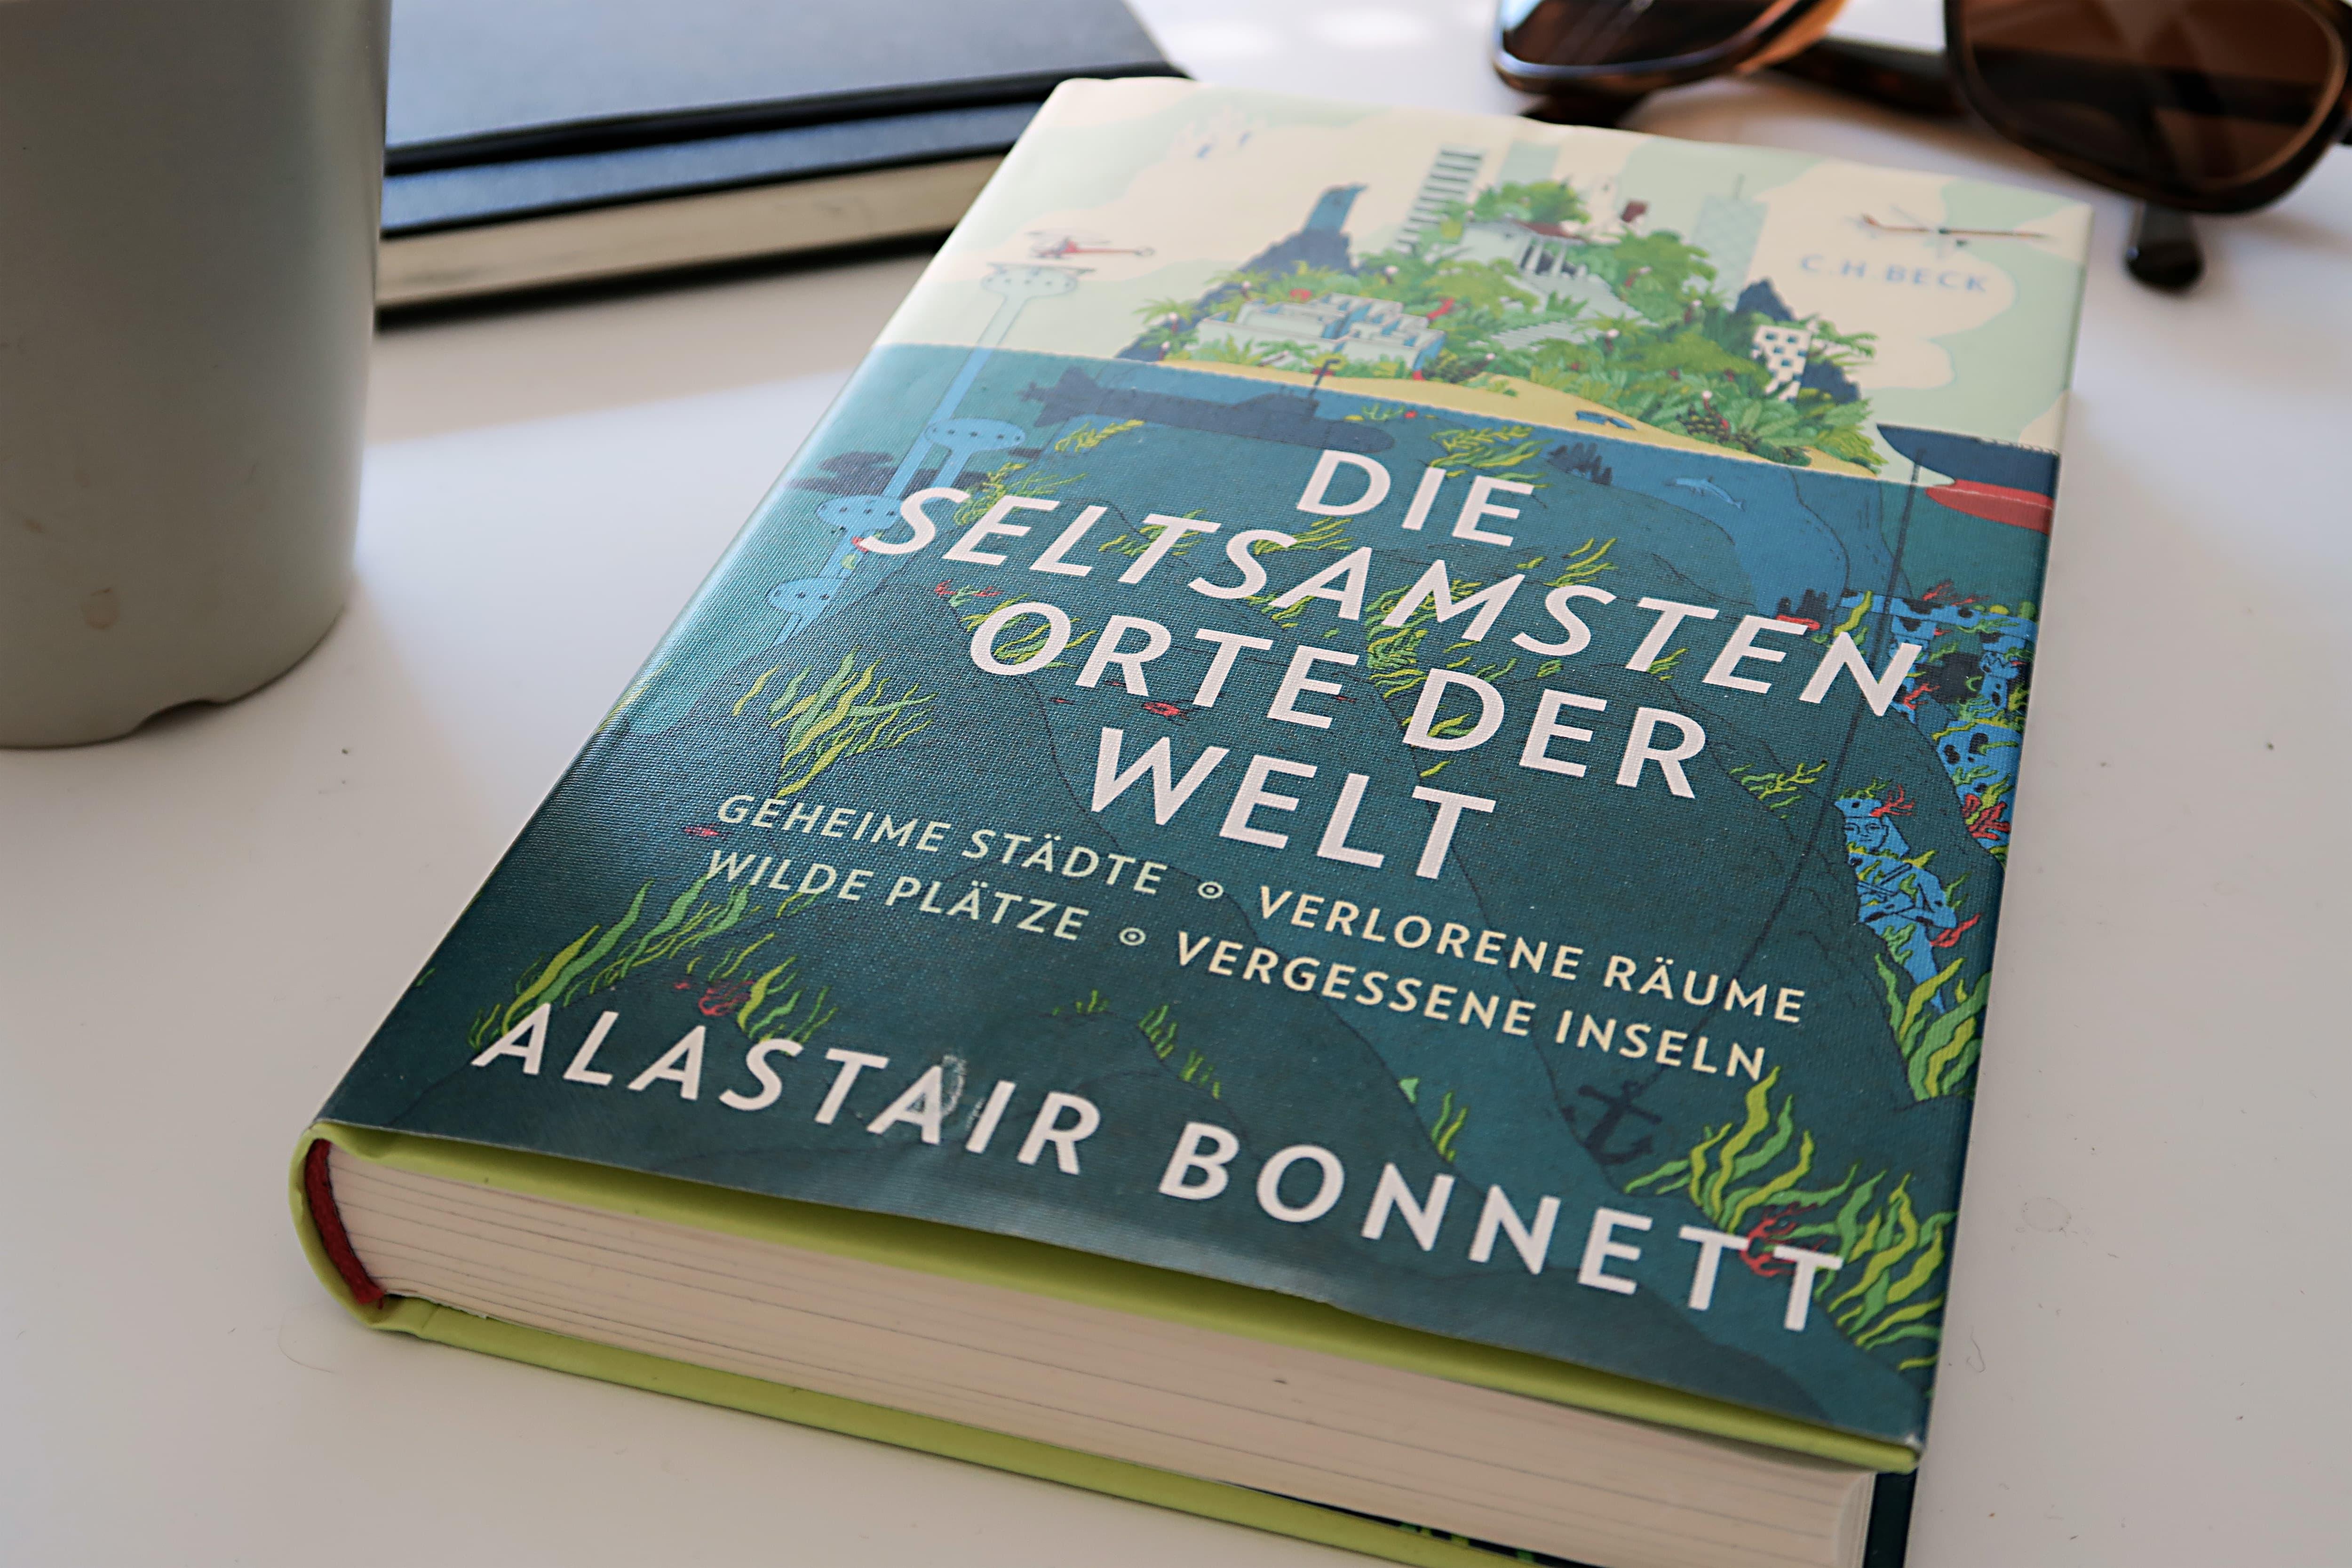 Alastair Bonnett - Die seltsamsten Orte der Welt